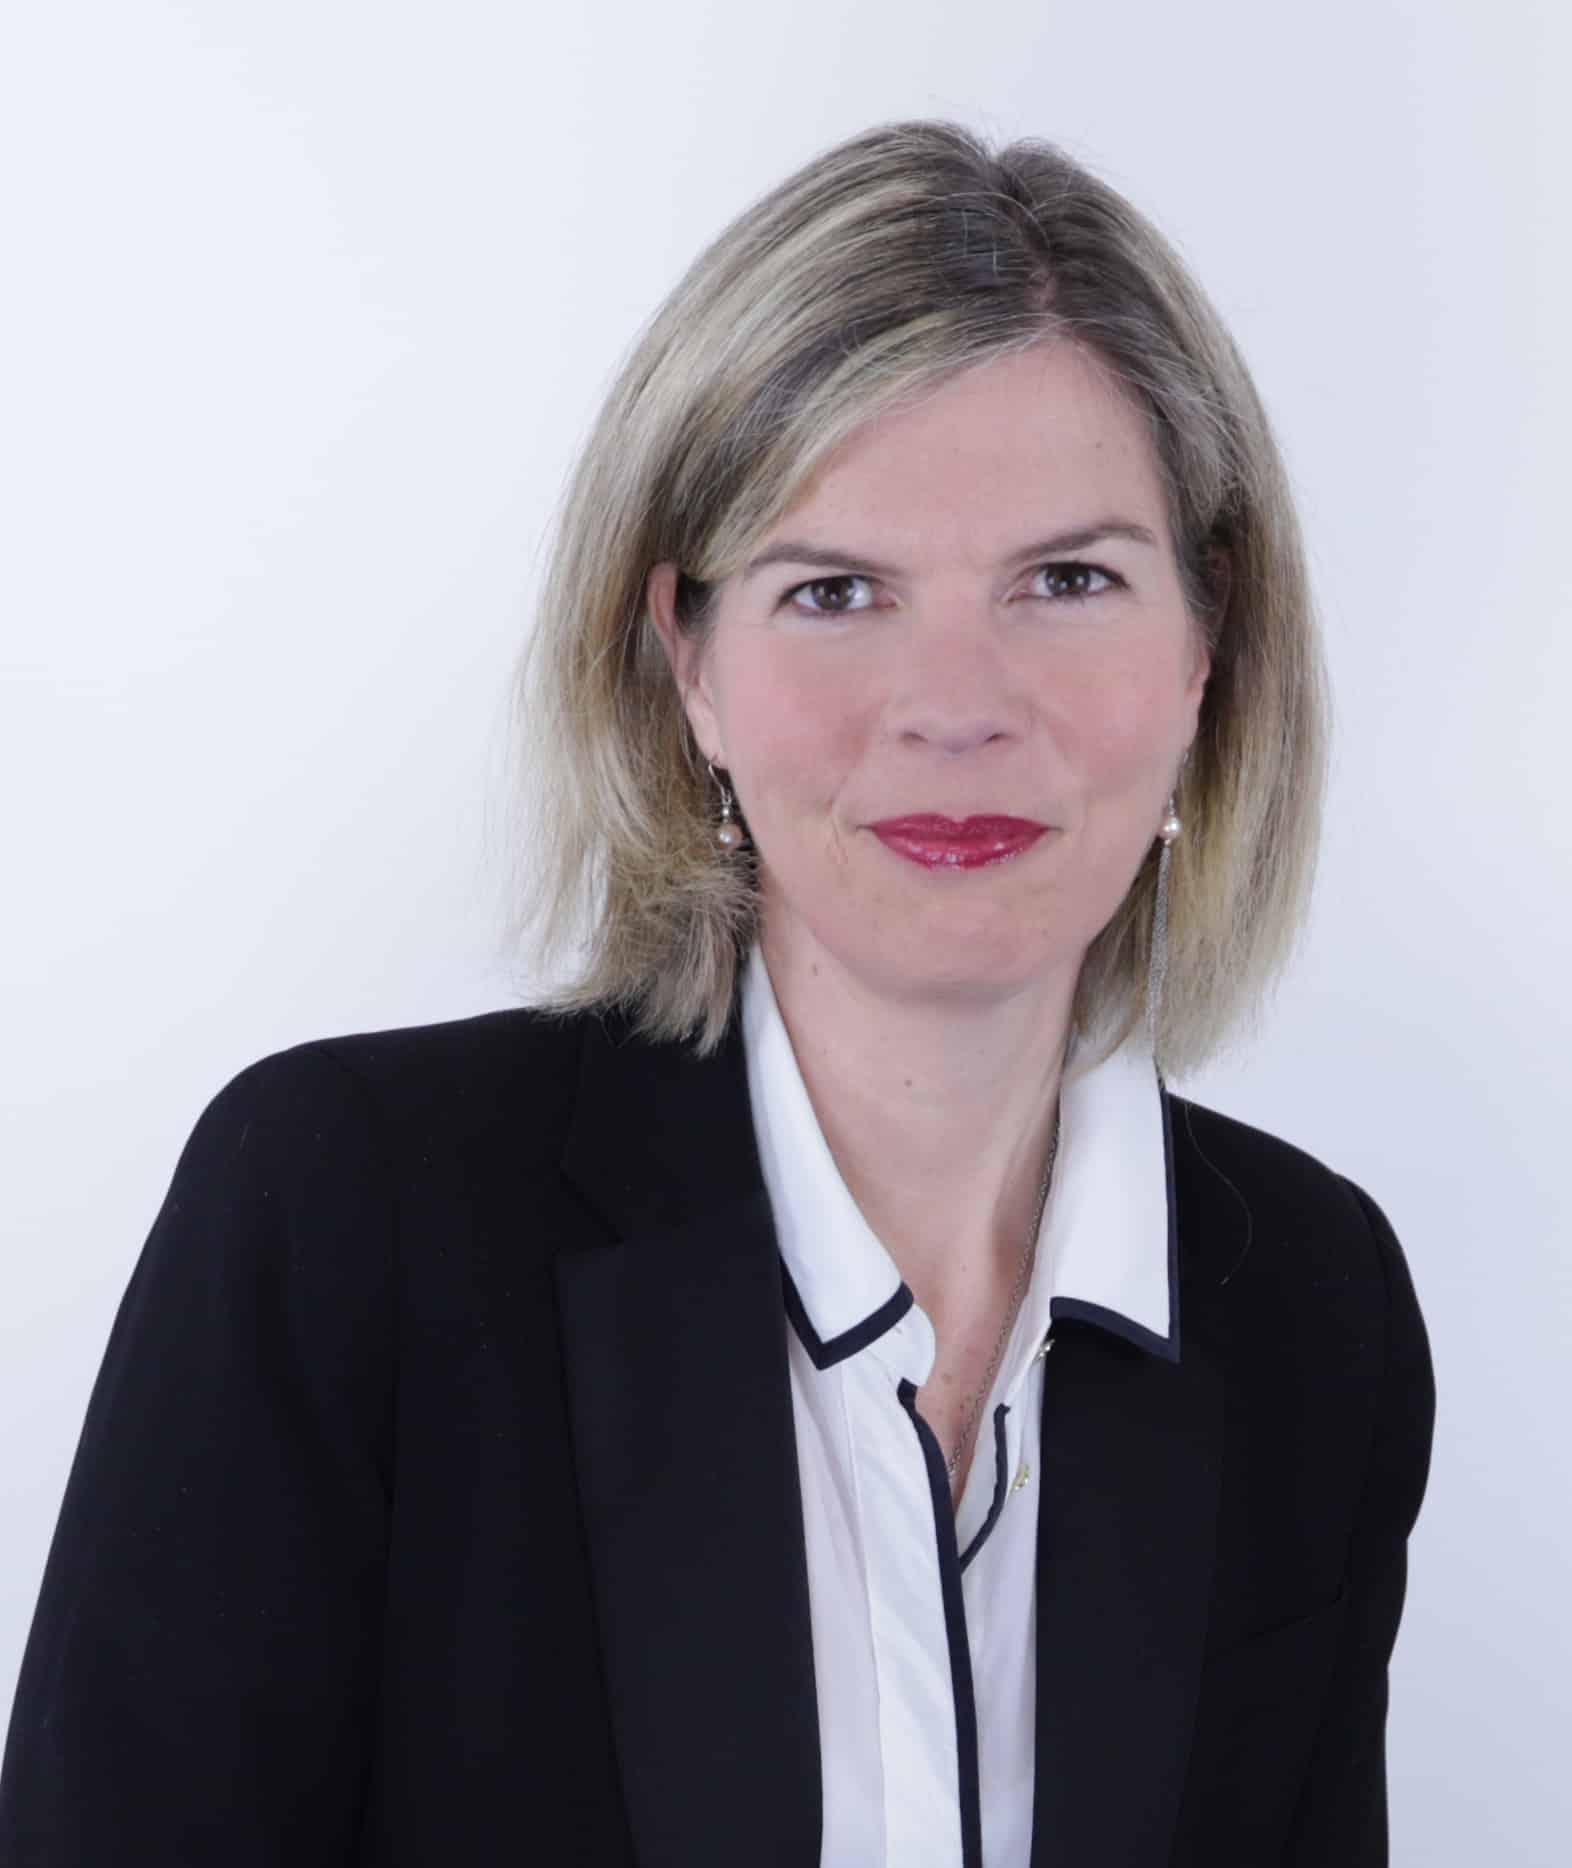 Servane Augier, 3DS Outscale : « En temps de crise, il faut avoir des procédures claires et déjà appliquées dans l'organisation »